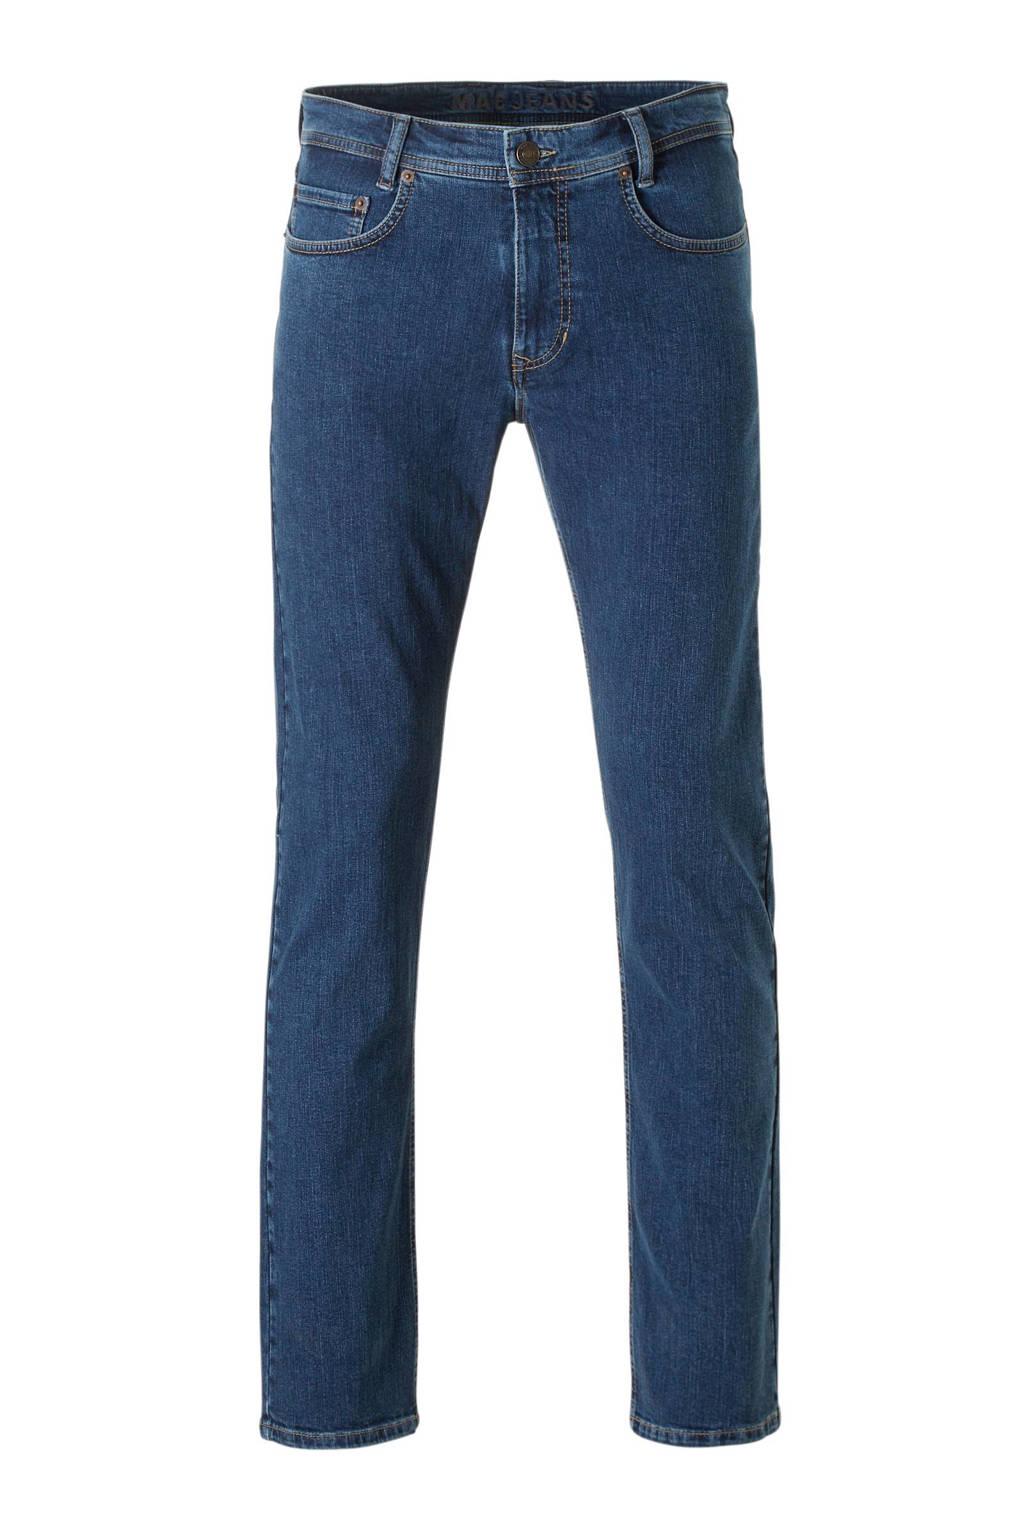 MAC regular fit jeans ARNE Alpha Denim, H510 blue light used